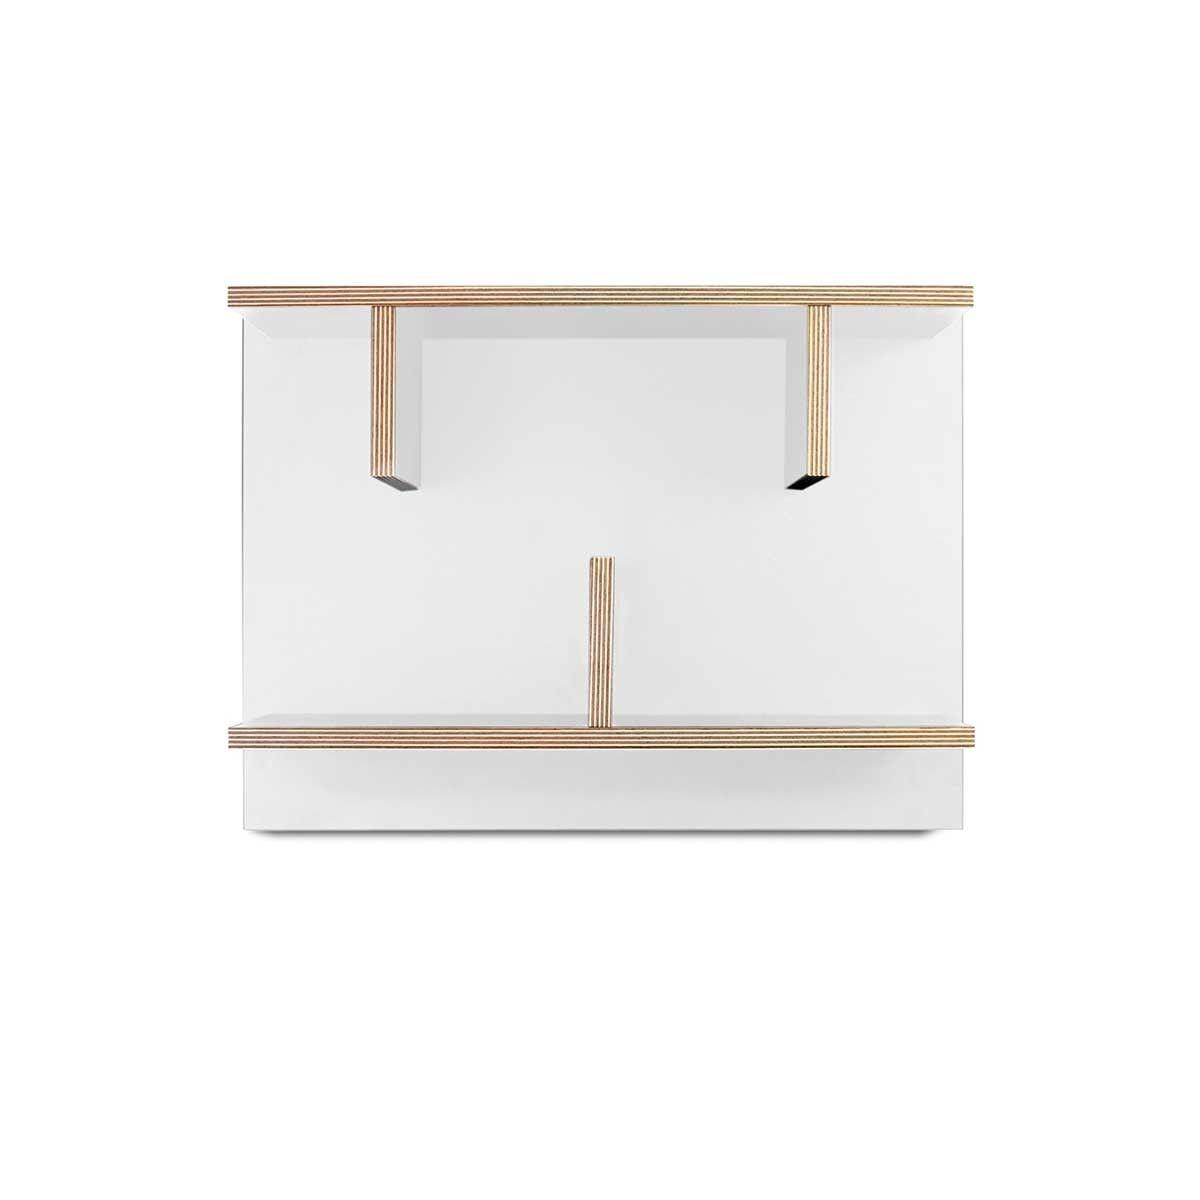 Étagère Design Blanche Bern 40 X 60